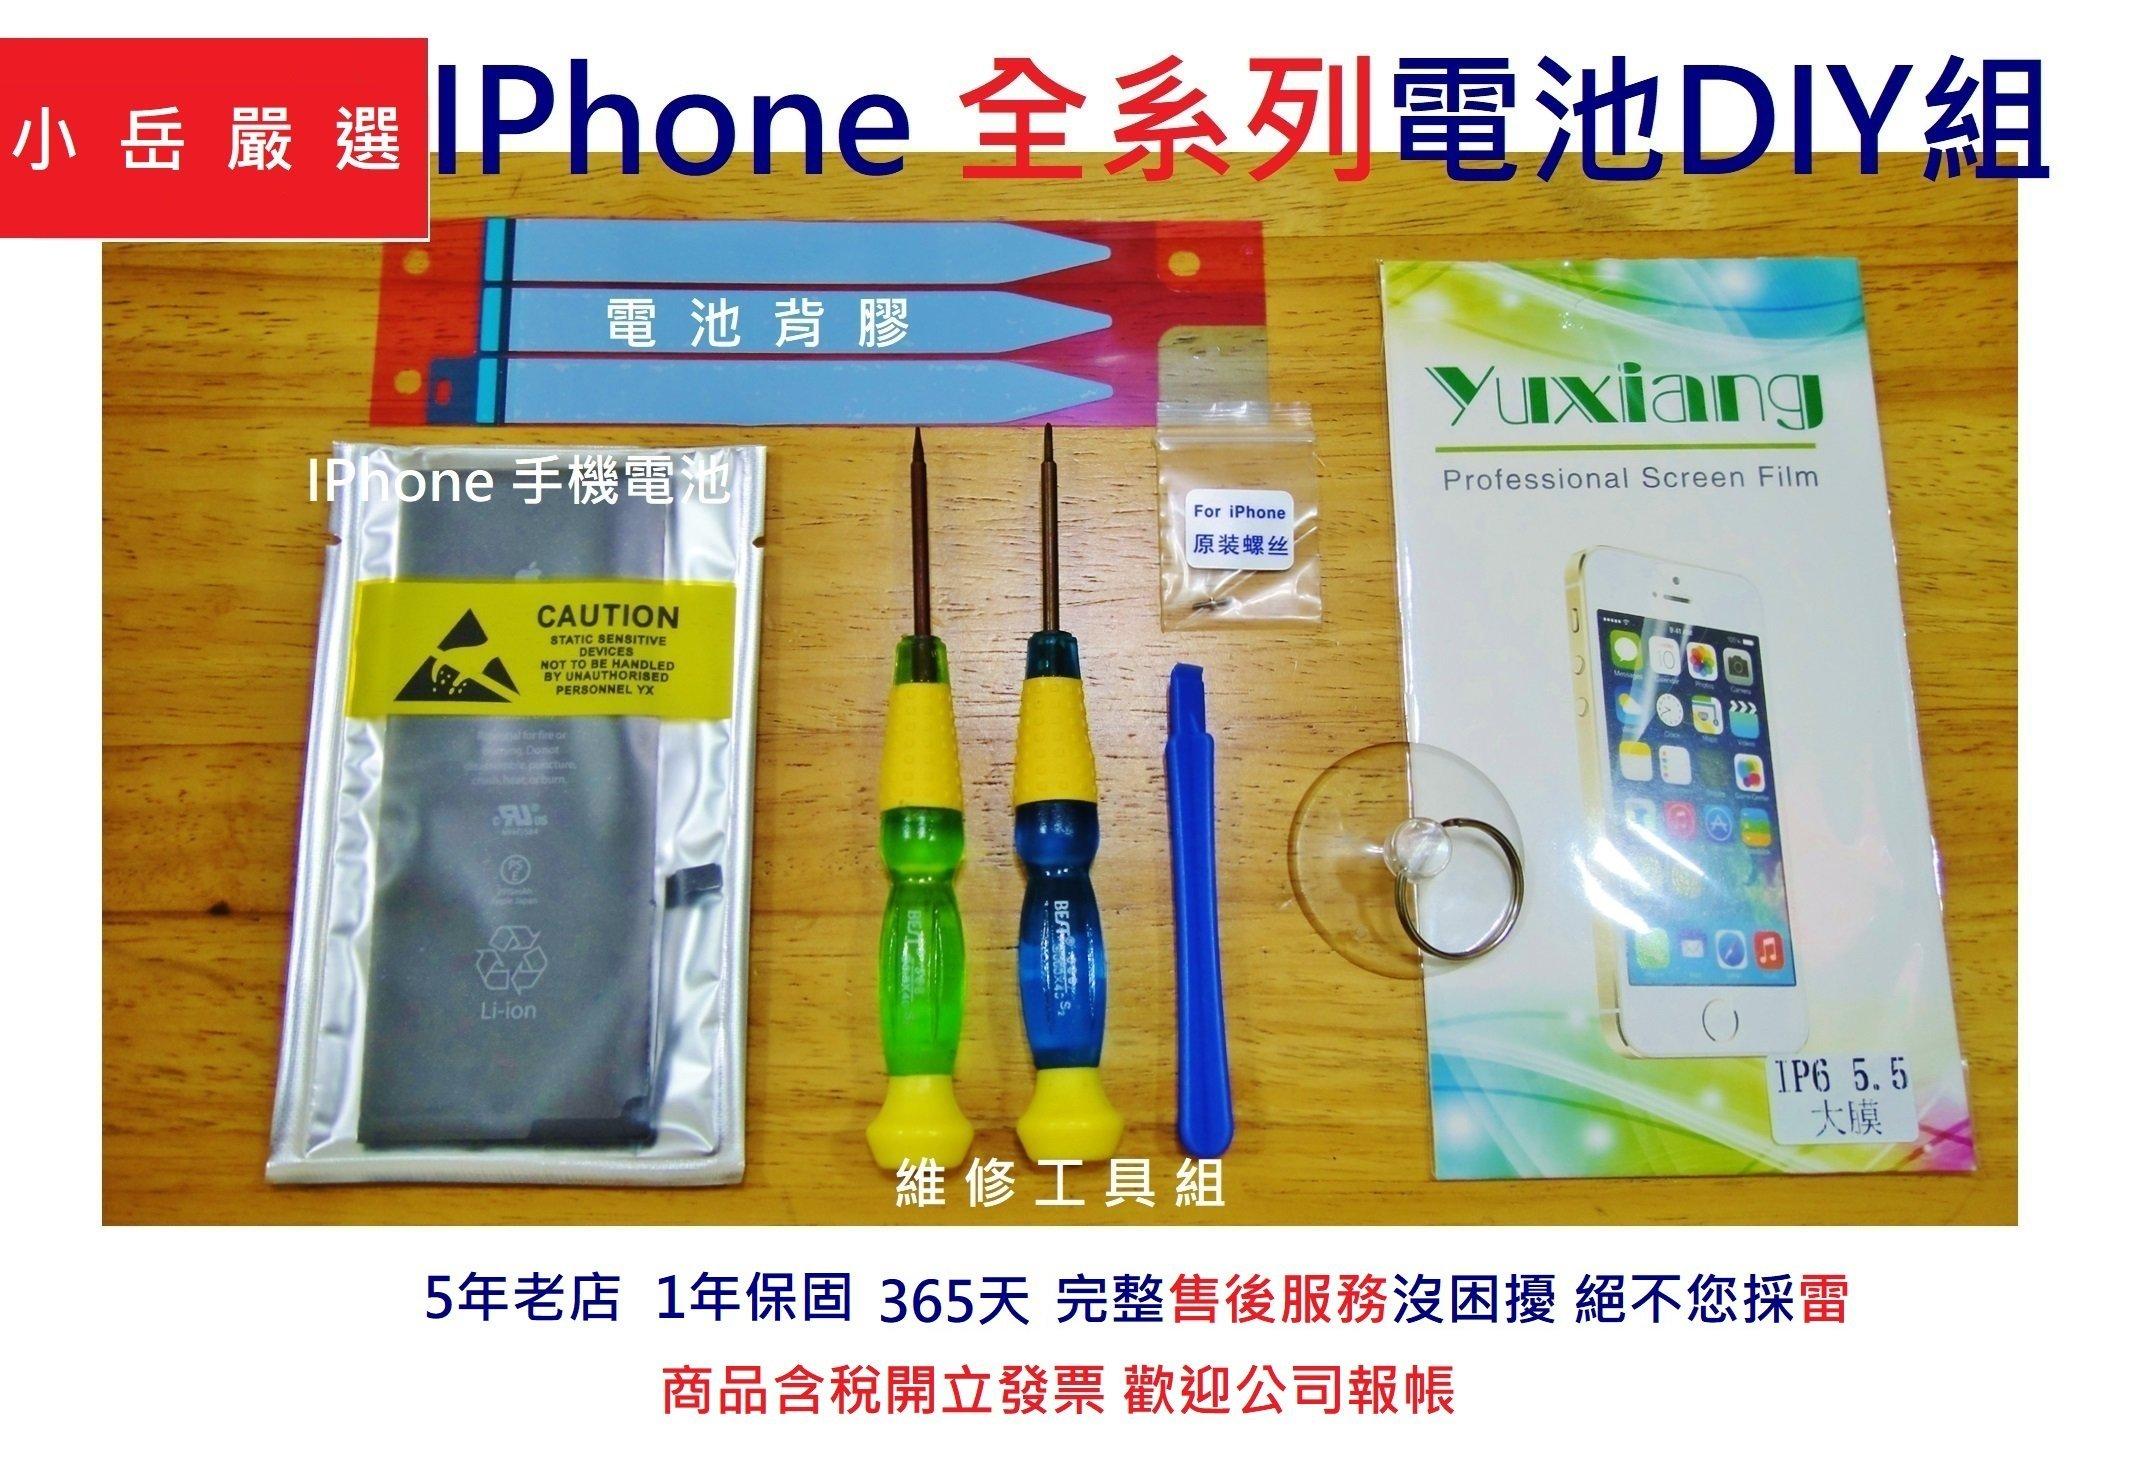 【小岳嚴選】 iPhone 8P 8 7 7P 6S 6 6 PLUS 全新 電池 0次循環 只有我敢給 一年保固!